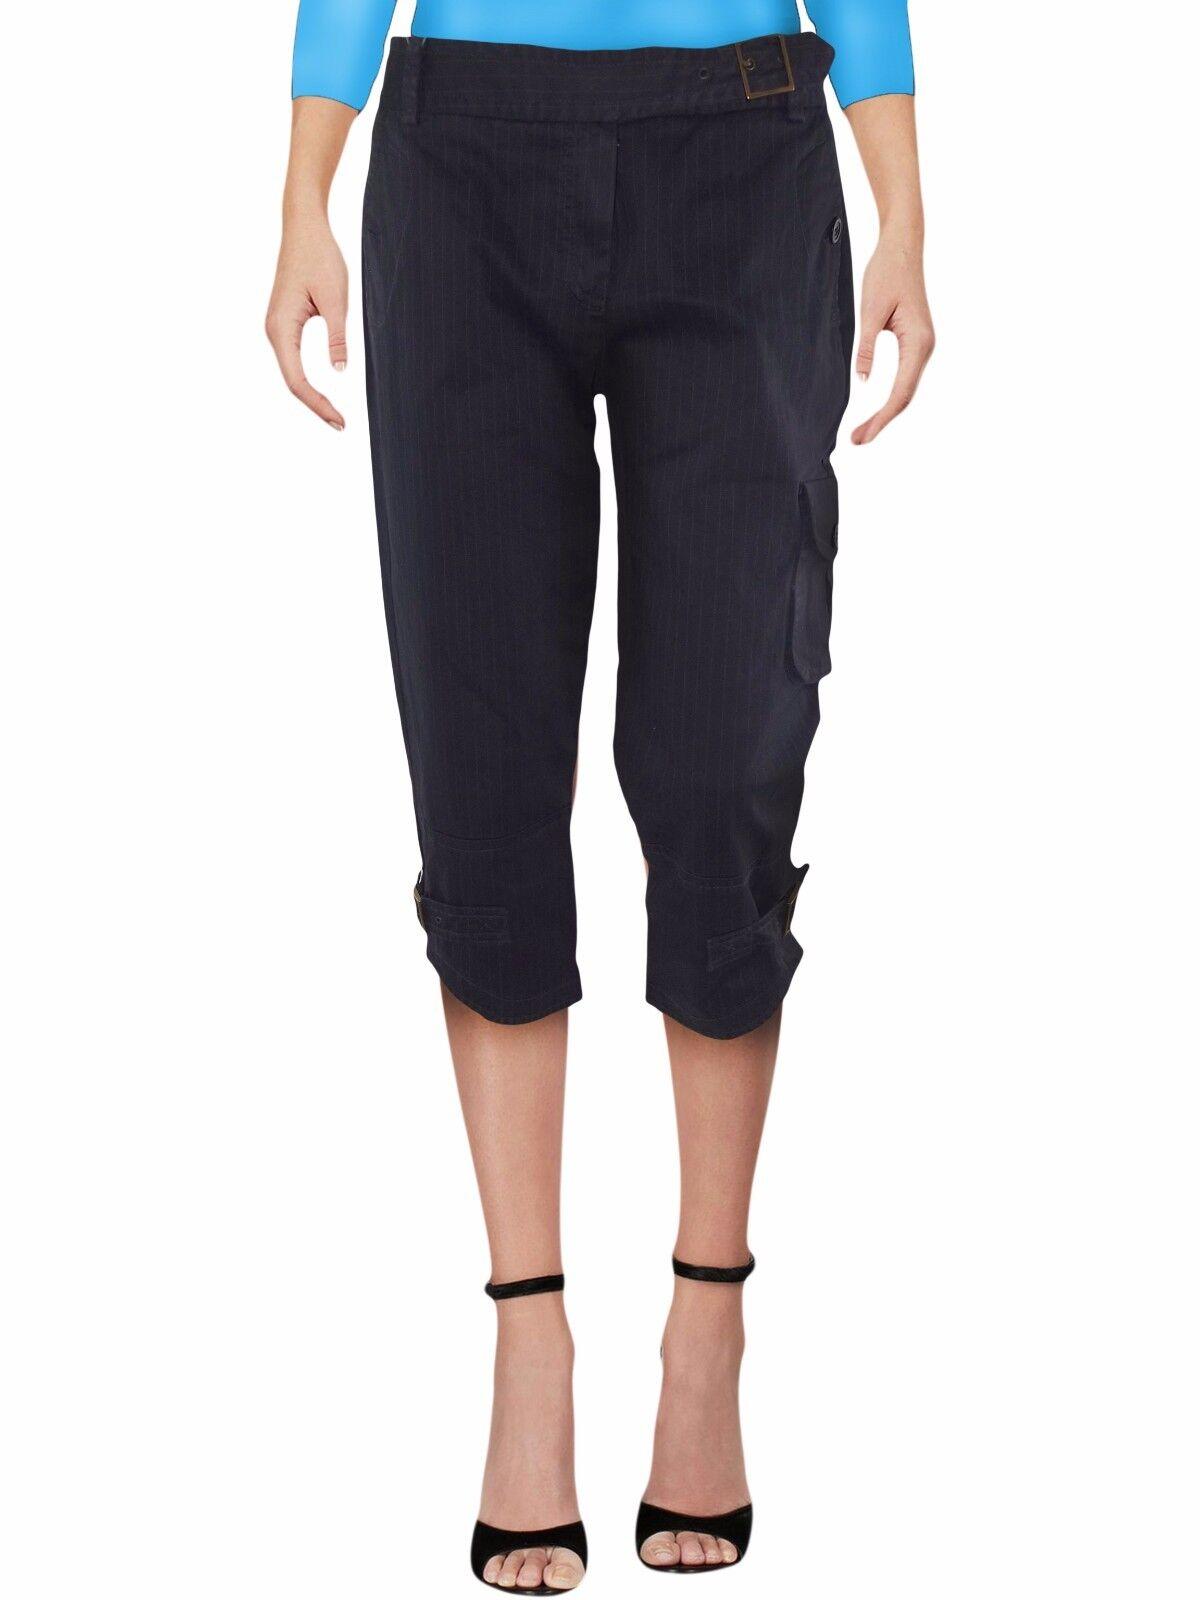 Pantalone 3 4 blue gessato MAX MARA i bluees tg it 42 w 28 de 36